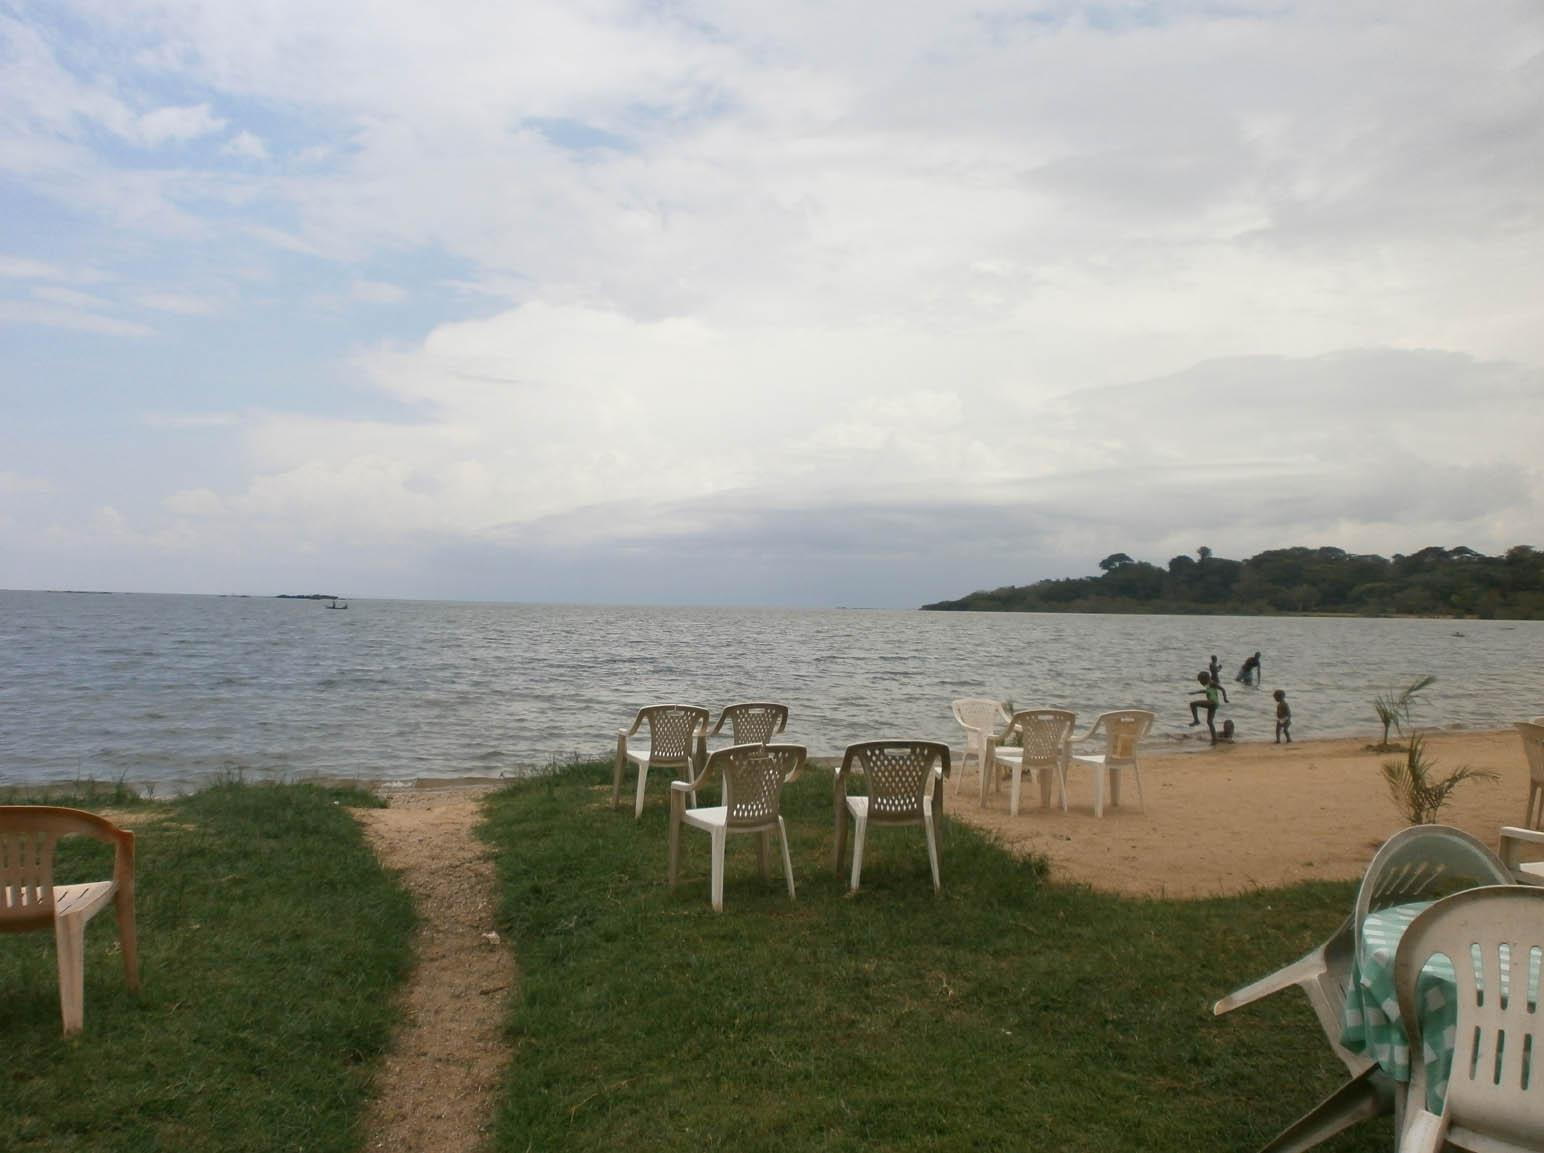 Le sponde del Lago Vittoria. C'erano dei ragazzini che facevano il bagno e sedie e tavolini, alcuni dei quali occupati da turisti (Foto: I.Toni).